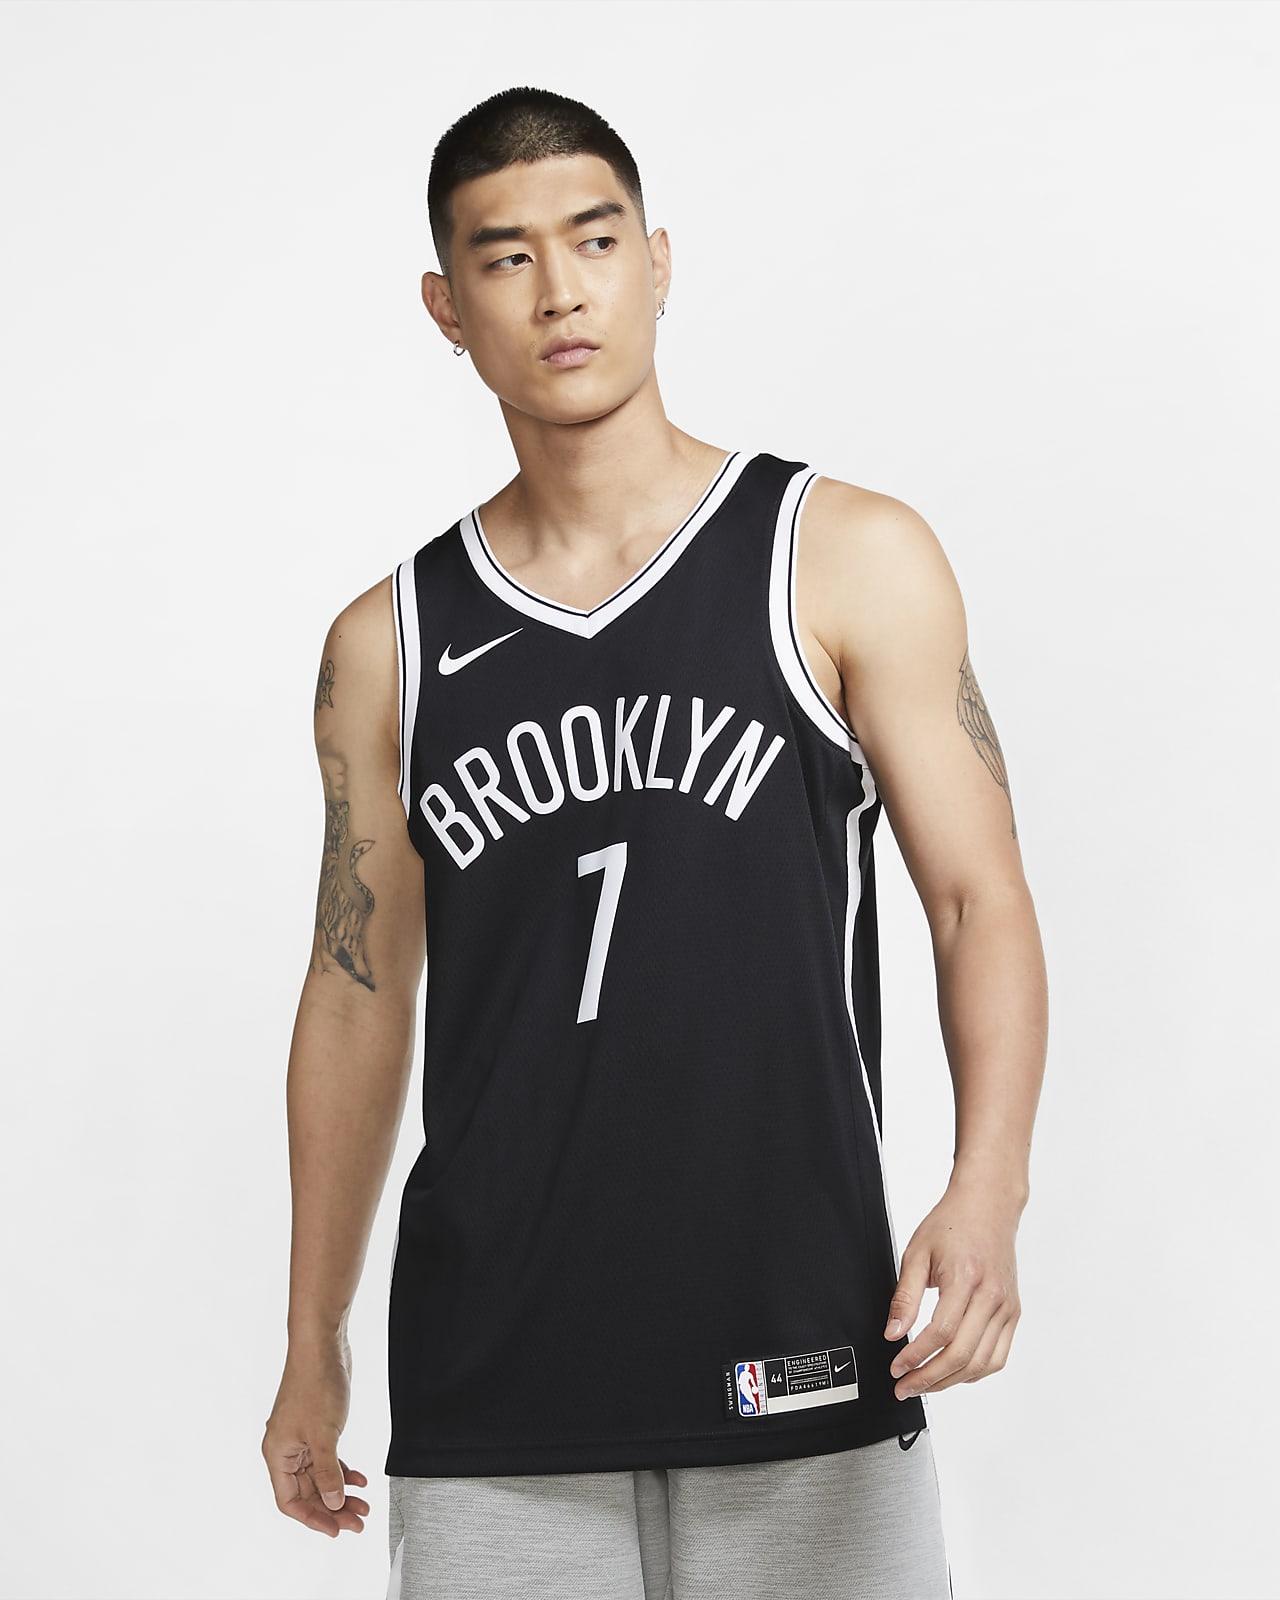 เสื้อแข่ง Nike NBA Swingman Kevin Durant Nets Icon Edition 2020